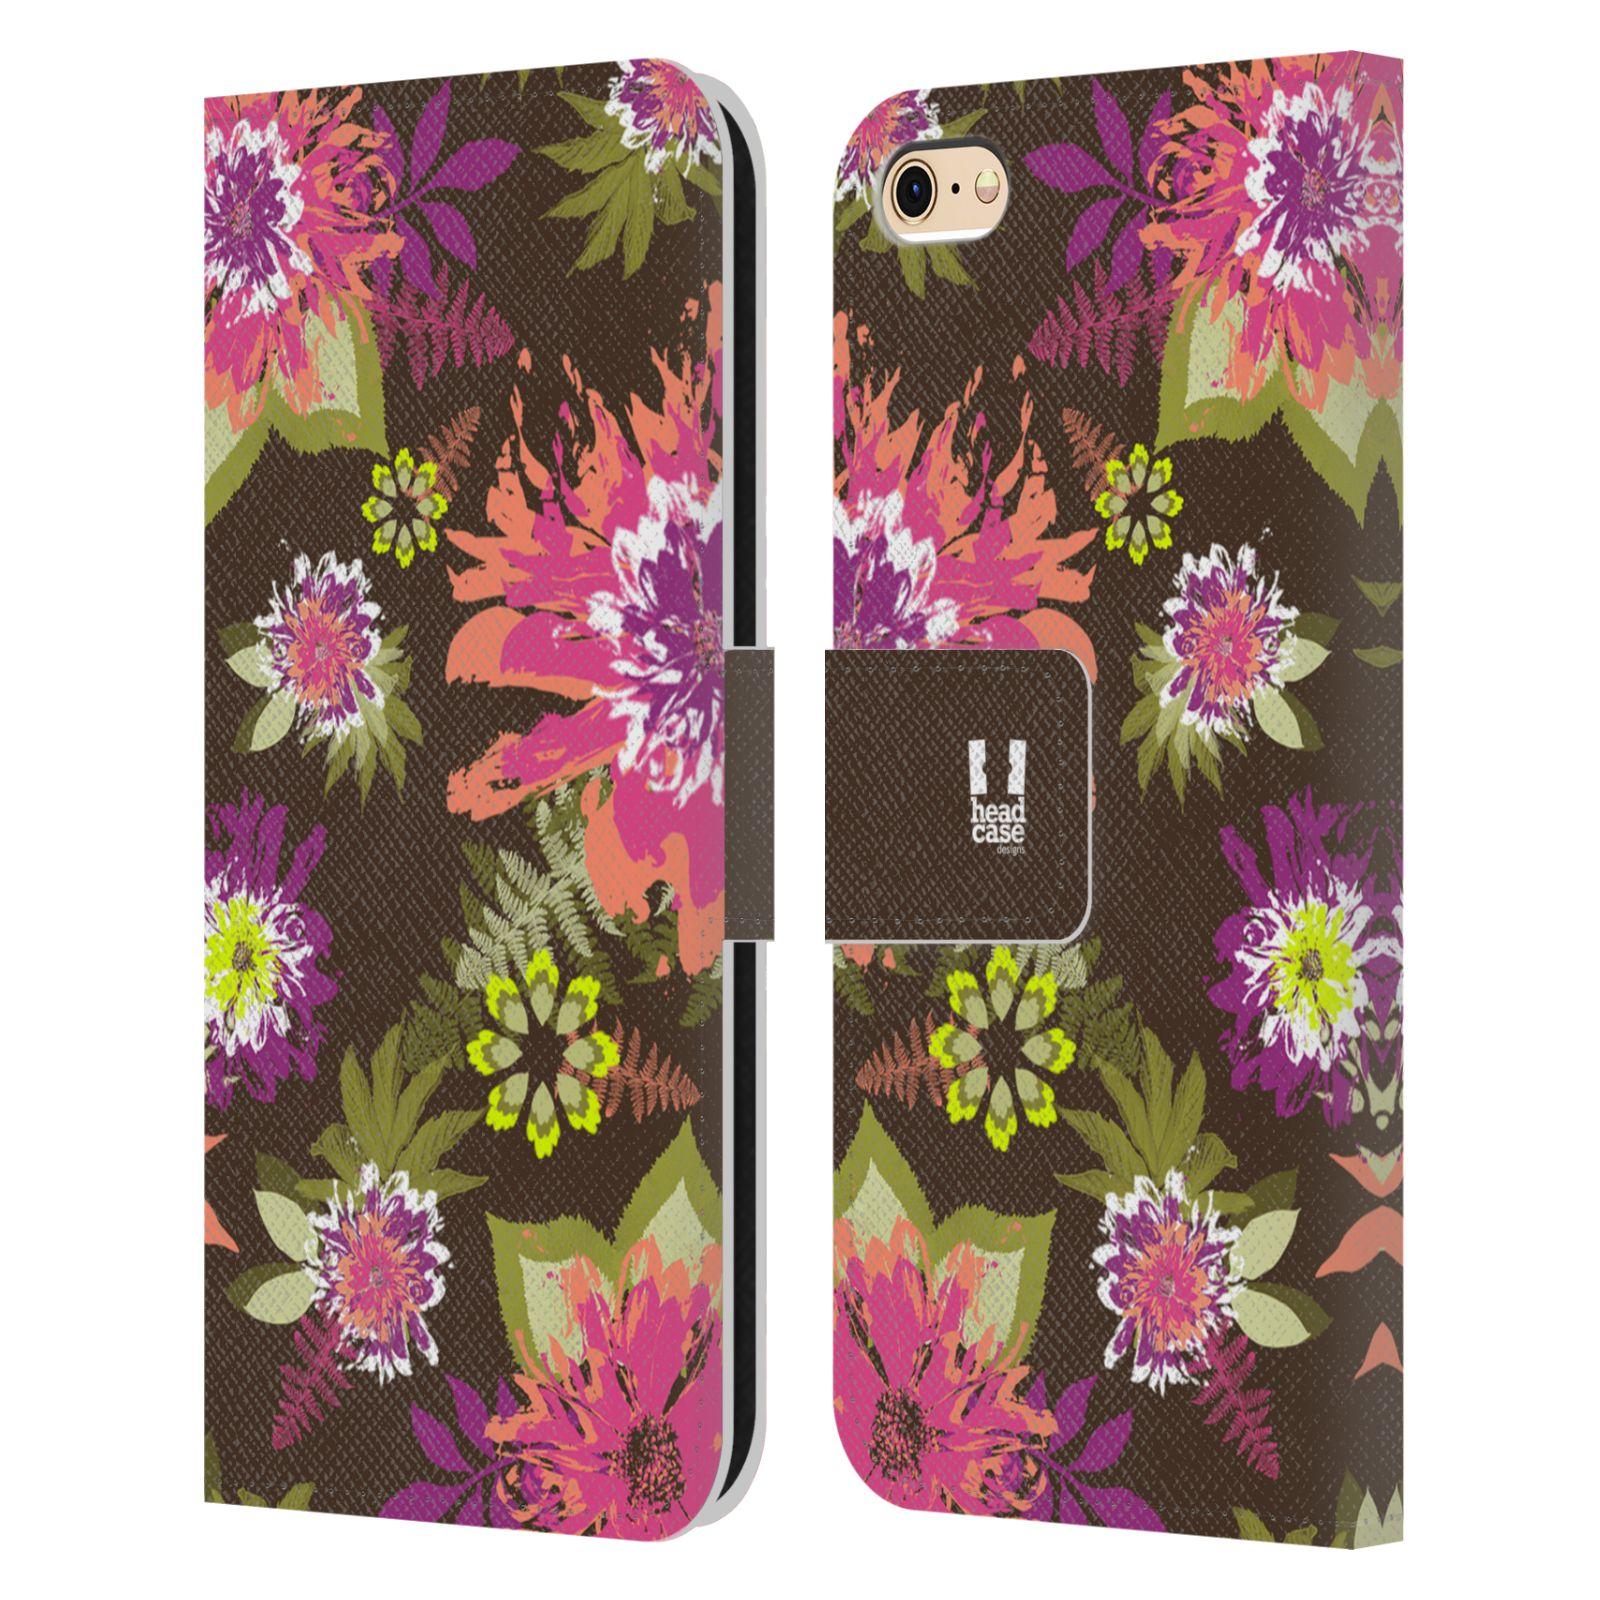 HEAD CASE Flipové pouzdro pro mobil Apple Iphone 6/6s BOTANIKA barevné květy zelená